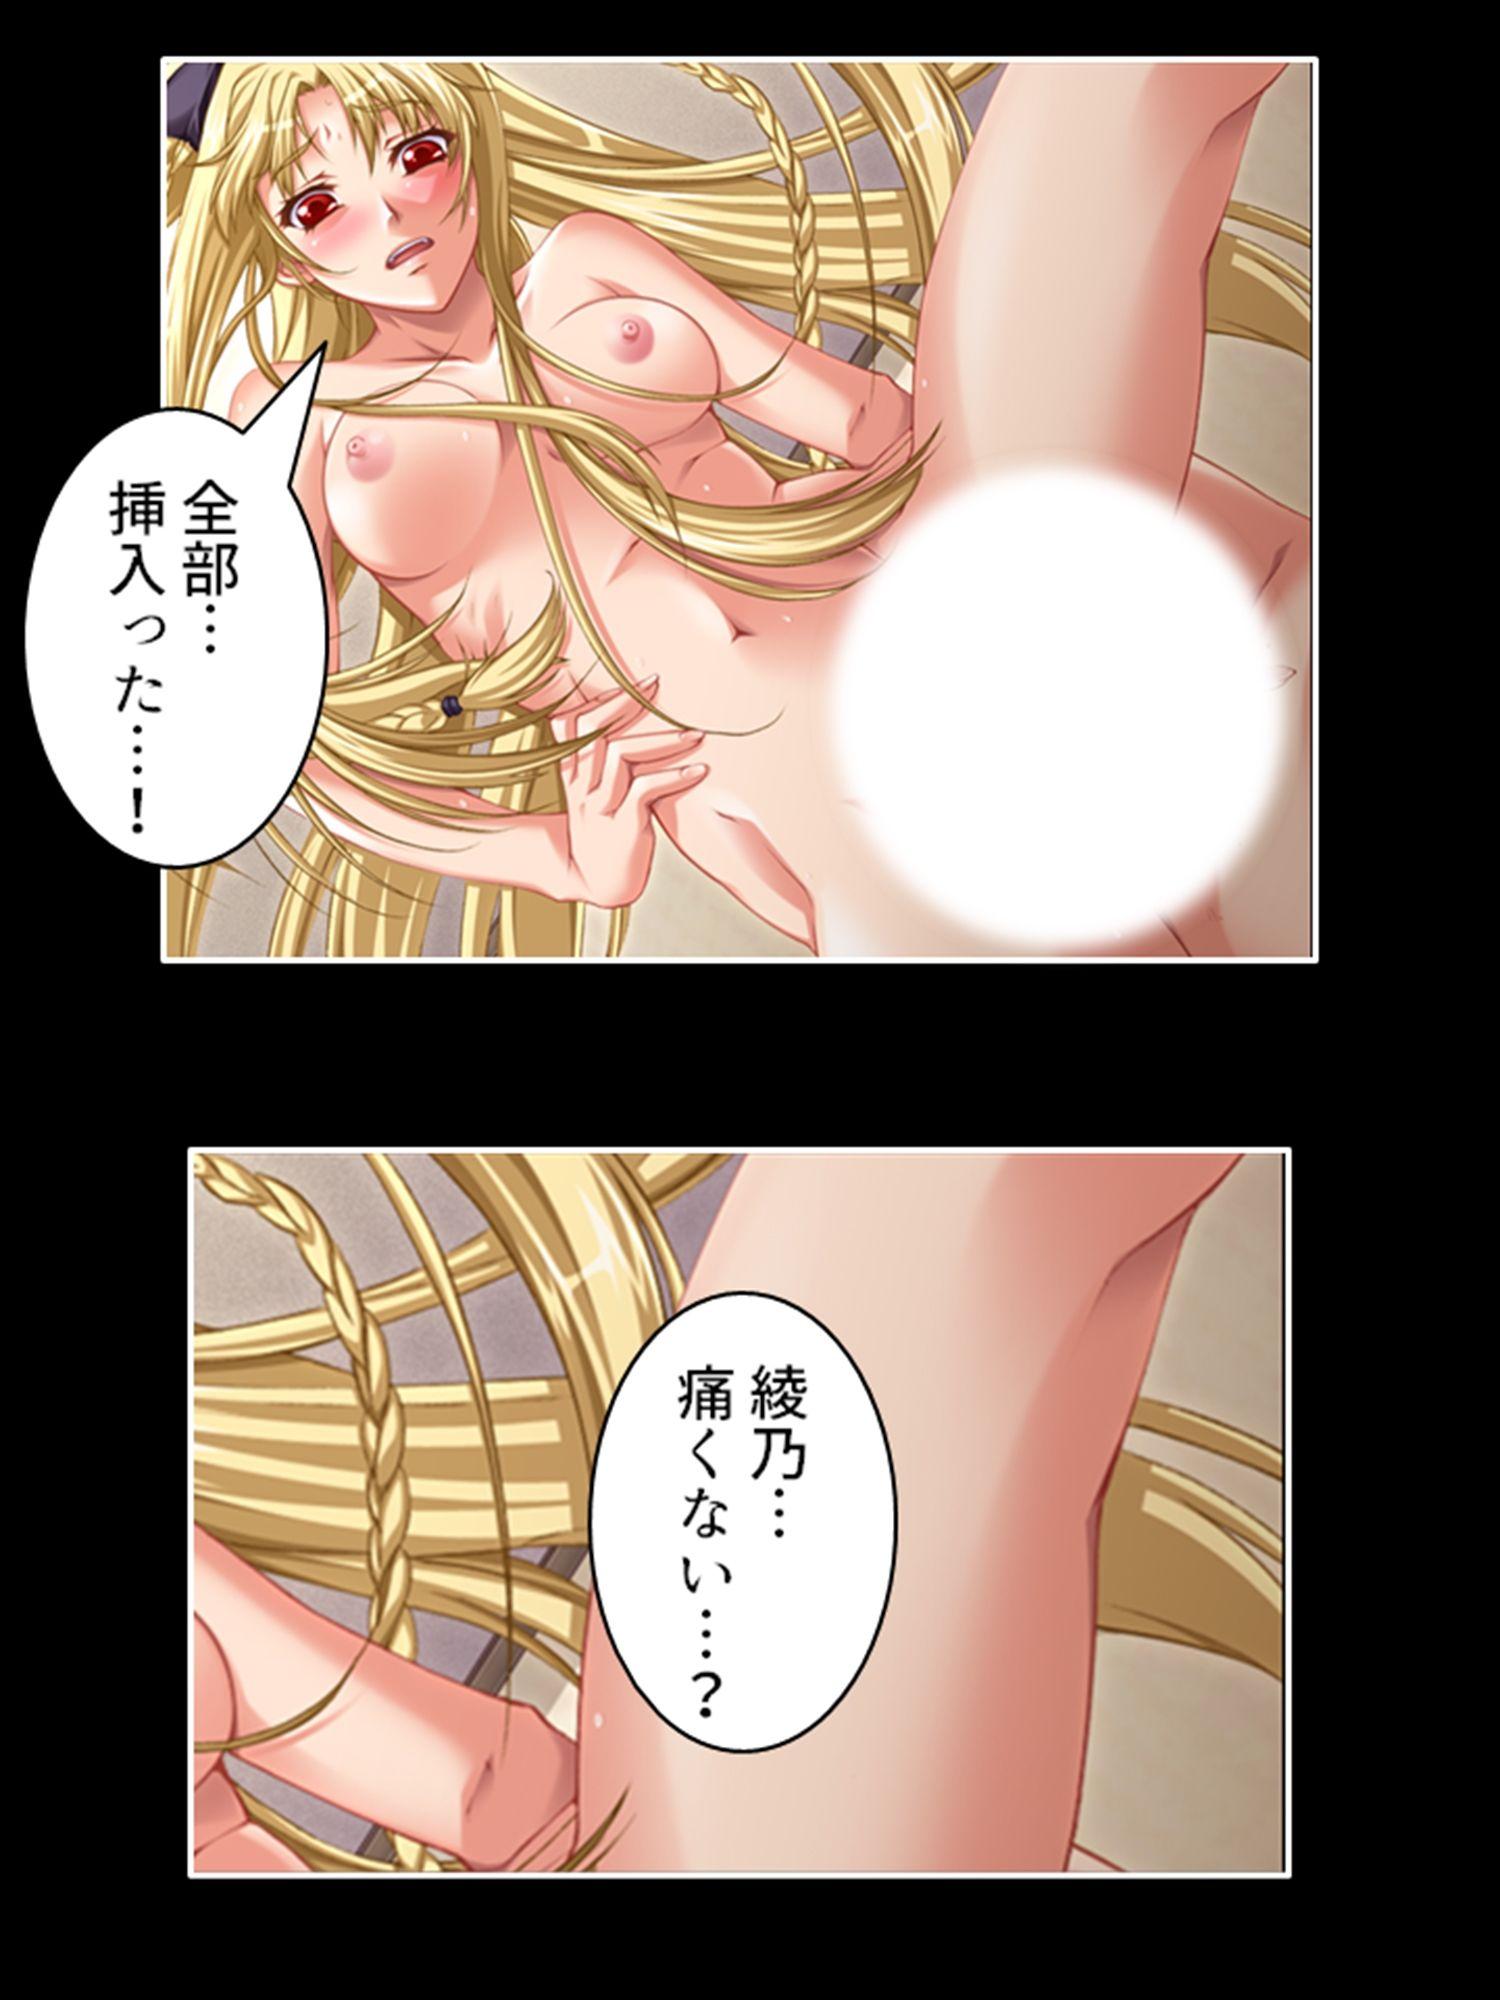 欲求不満の麗子と綾乃は、母娘で僕の巨根を狙ってる! 2巻7